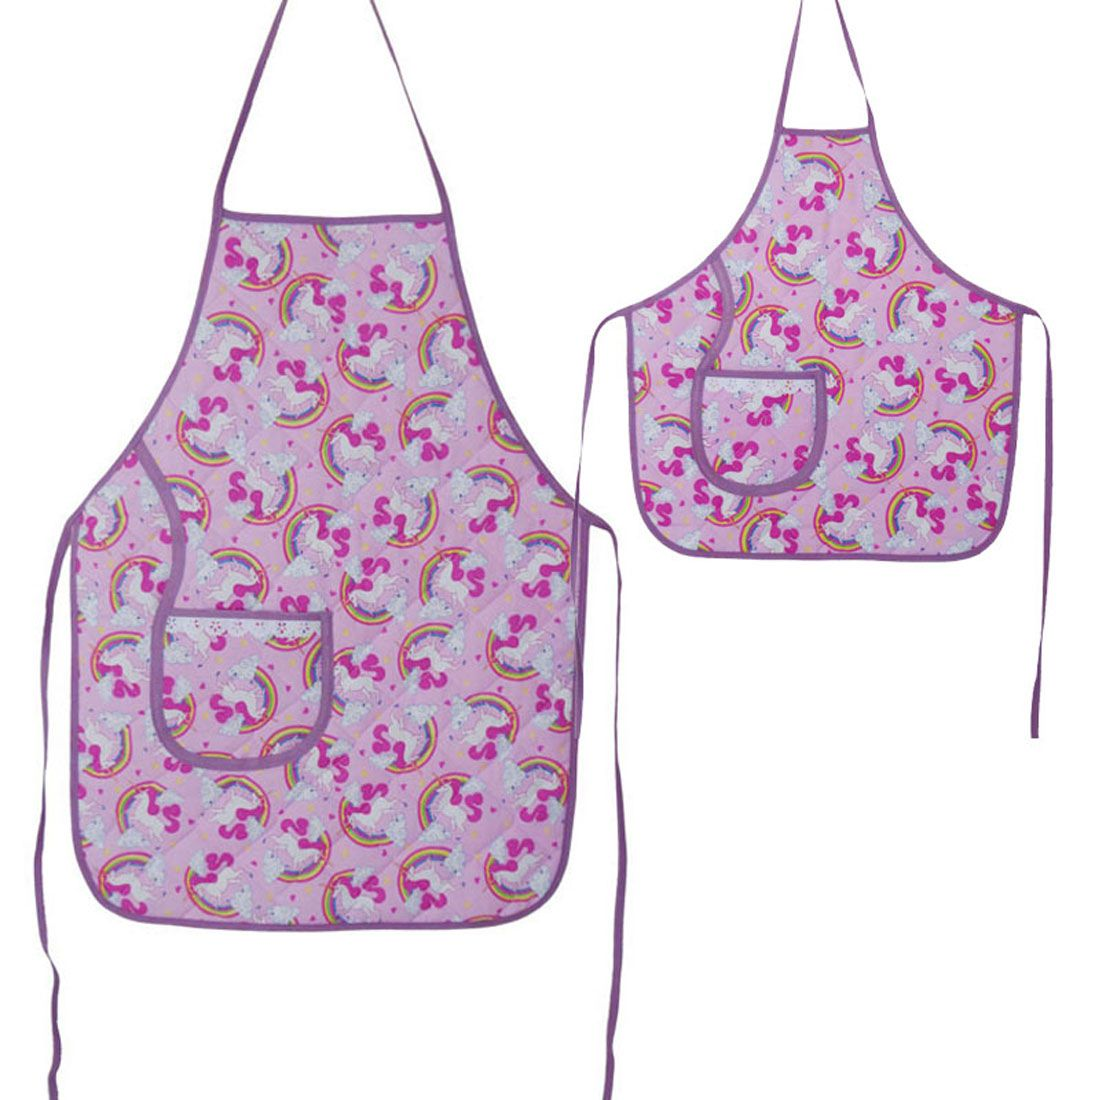 Avental De Cozinha Mãe E Filha Unicórnio Rosê  - RECANTO DA COSTURA